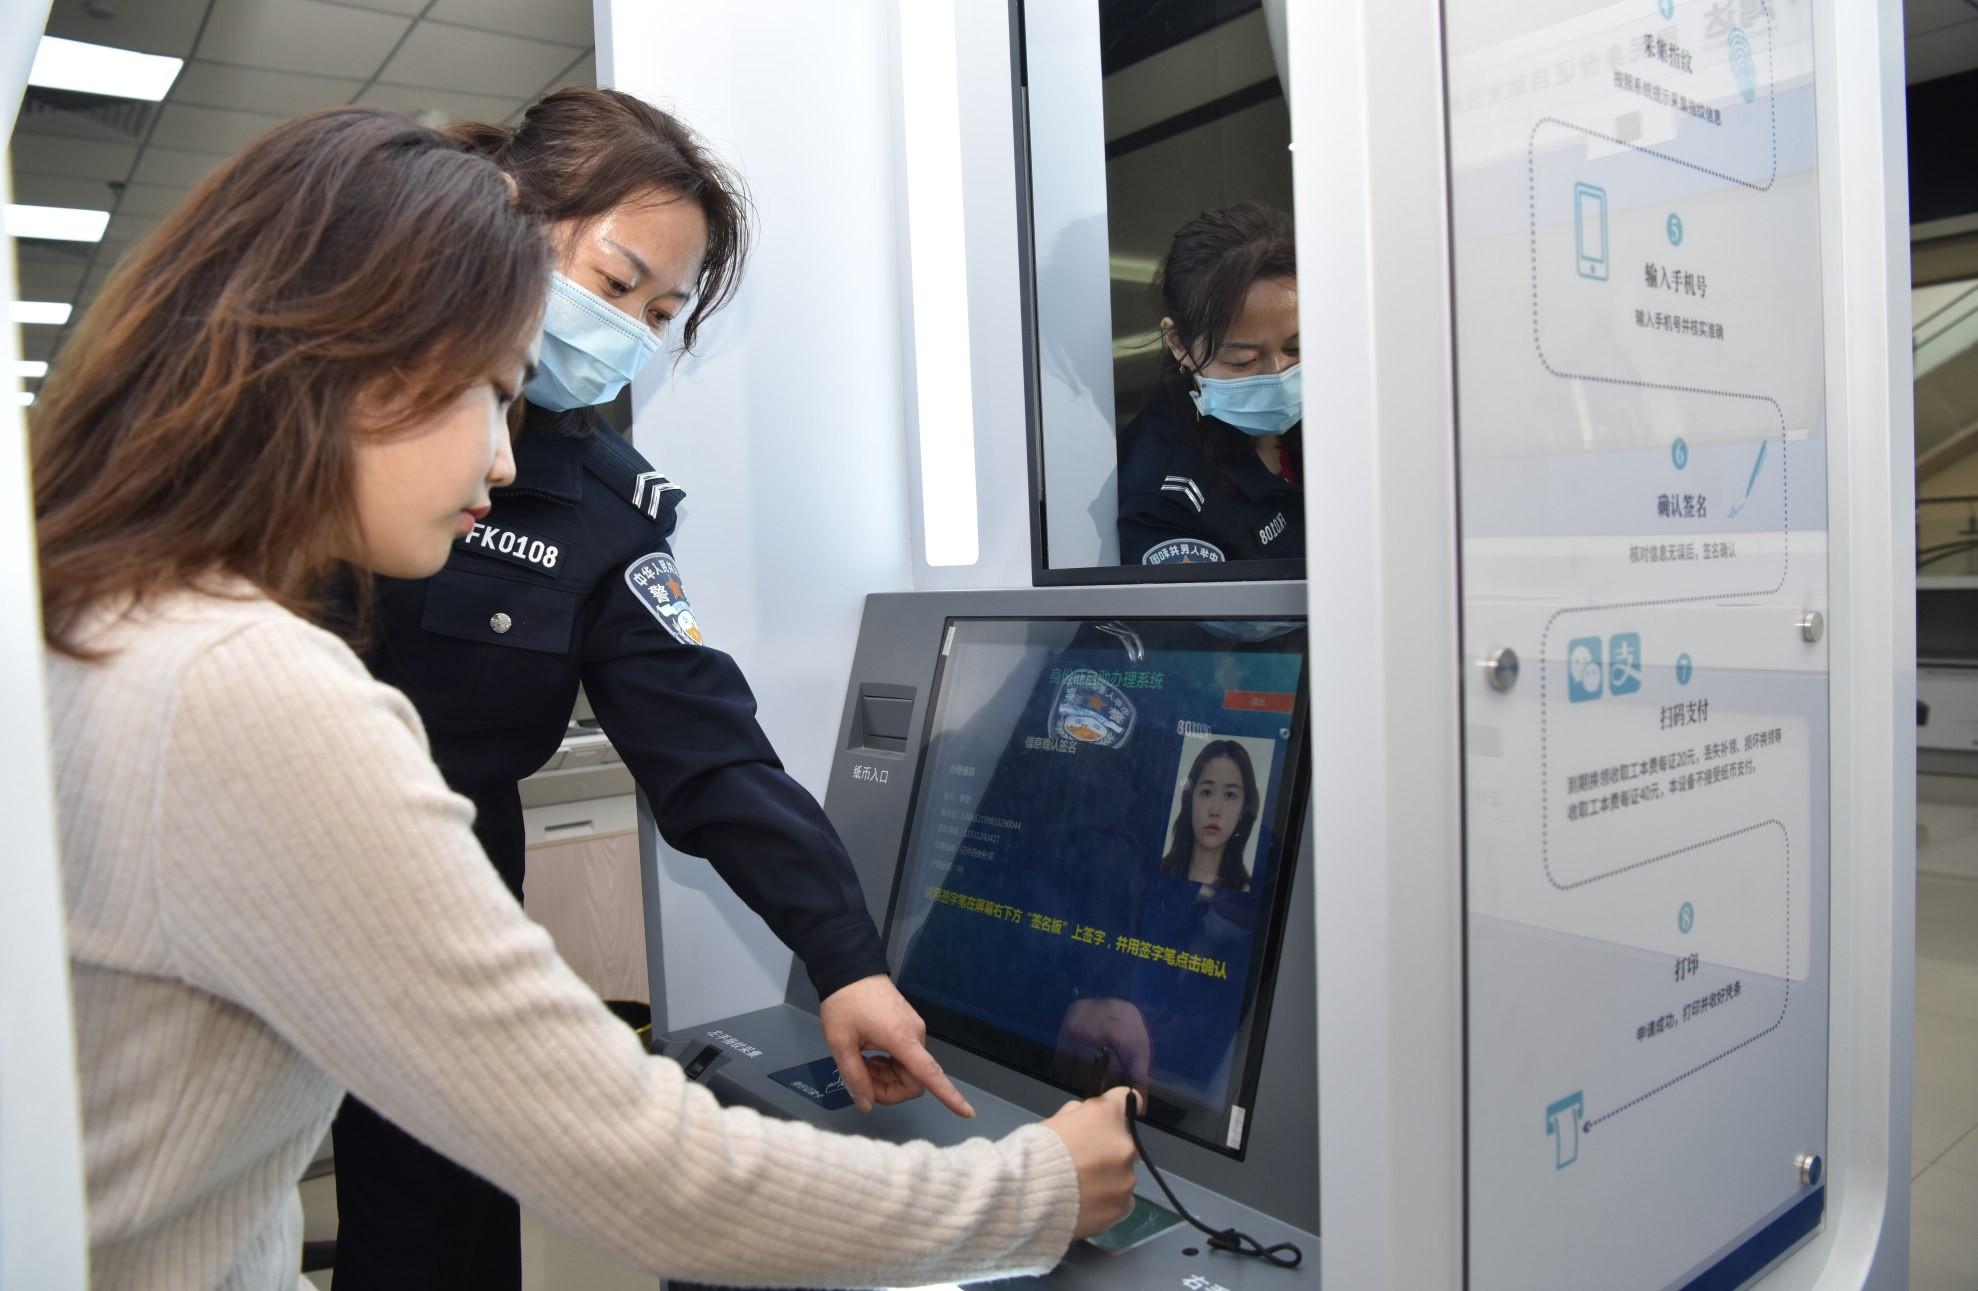 市政务中心二楼户籍窗口安装居民身份证自助办理一体机